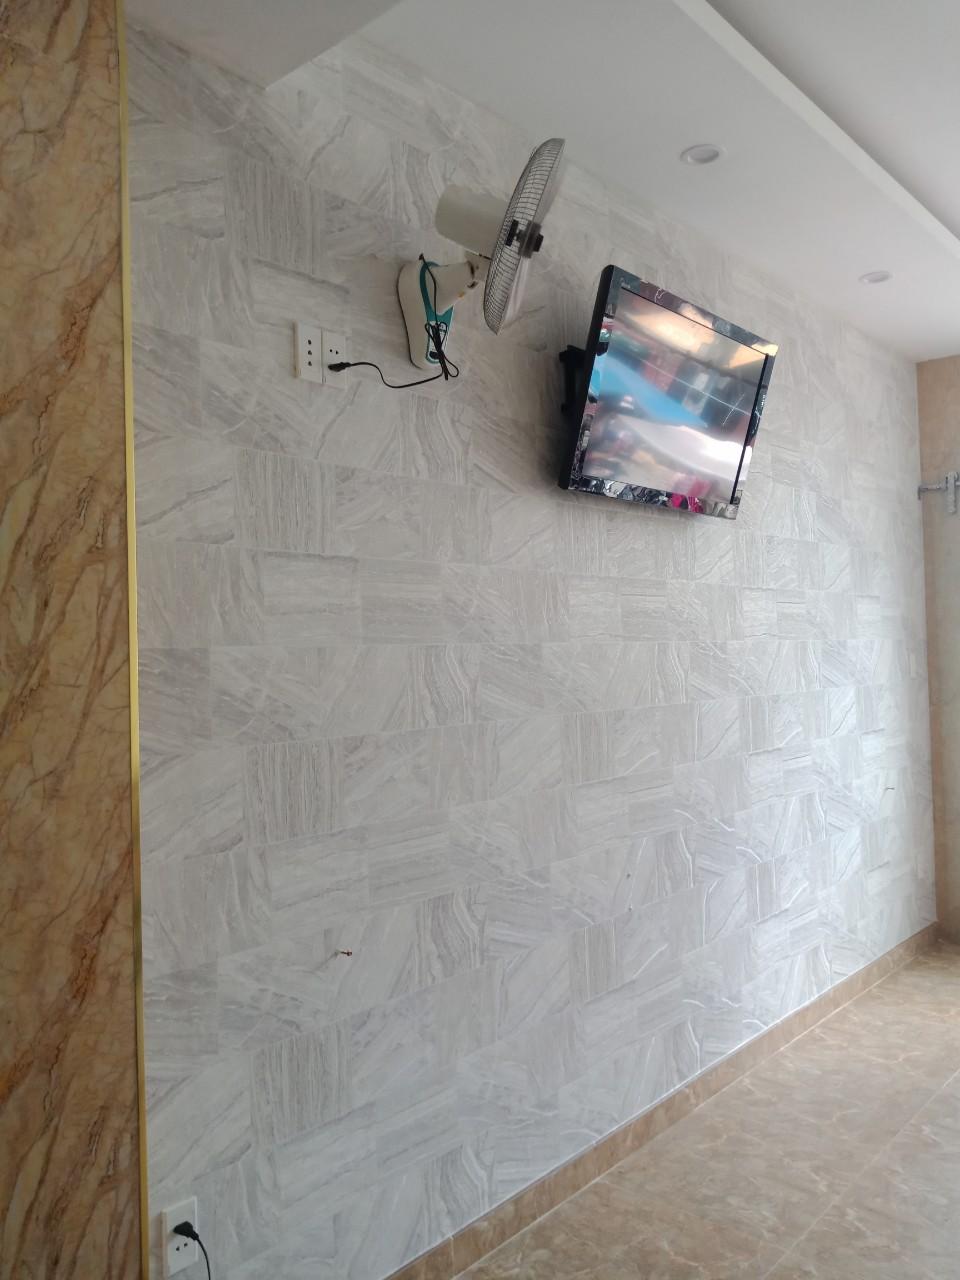 PISTA83003 2 giấy dán tường khách sạn pista83003-2